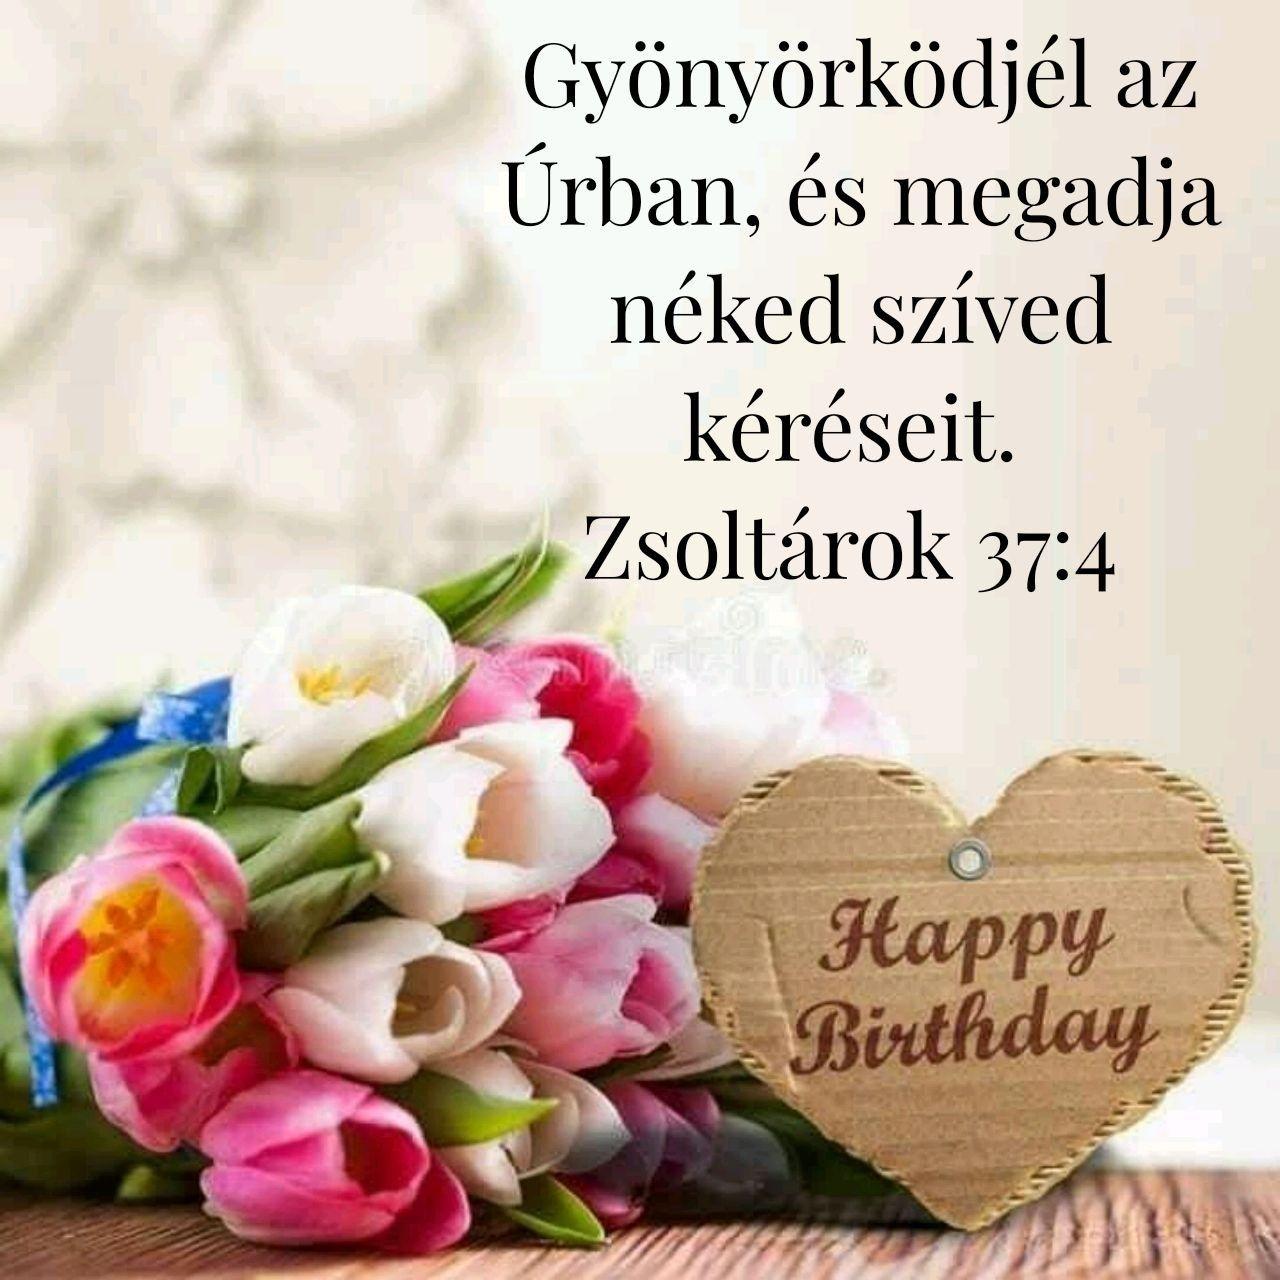 keresztény idézetek születésnapra Pin by Boglárka Iványi on Születésnap in 2020 | Születésnapi